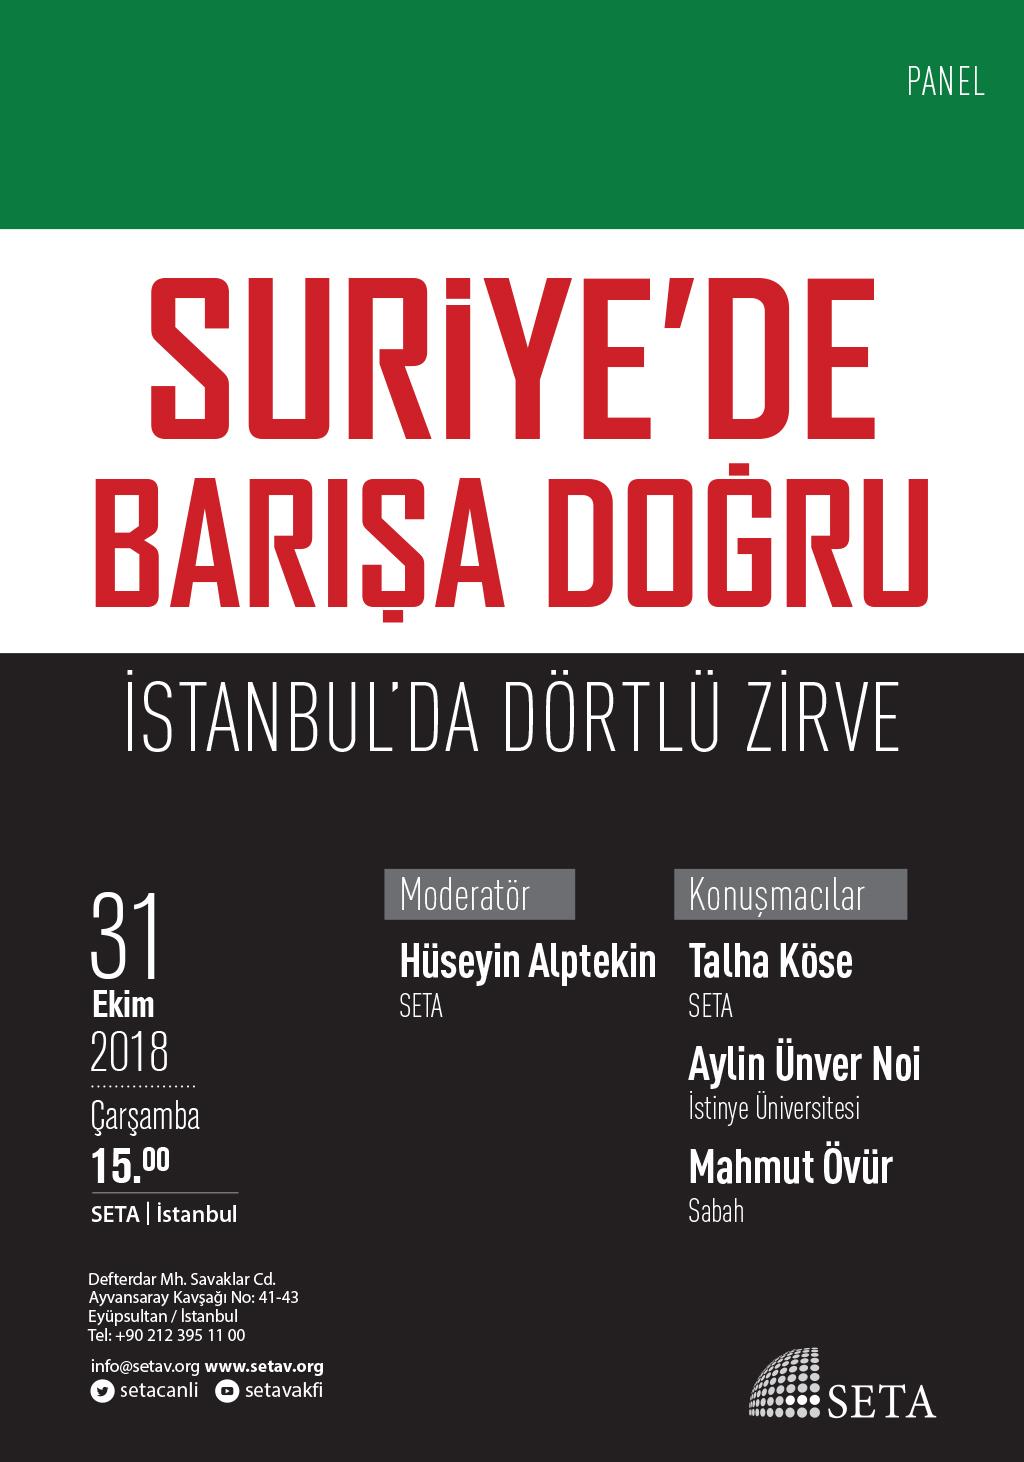 Panel: Suriye'de Barışa Doğru: İstanbul'da Dörtlü Zirve